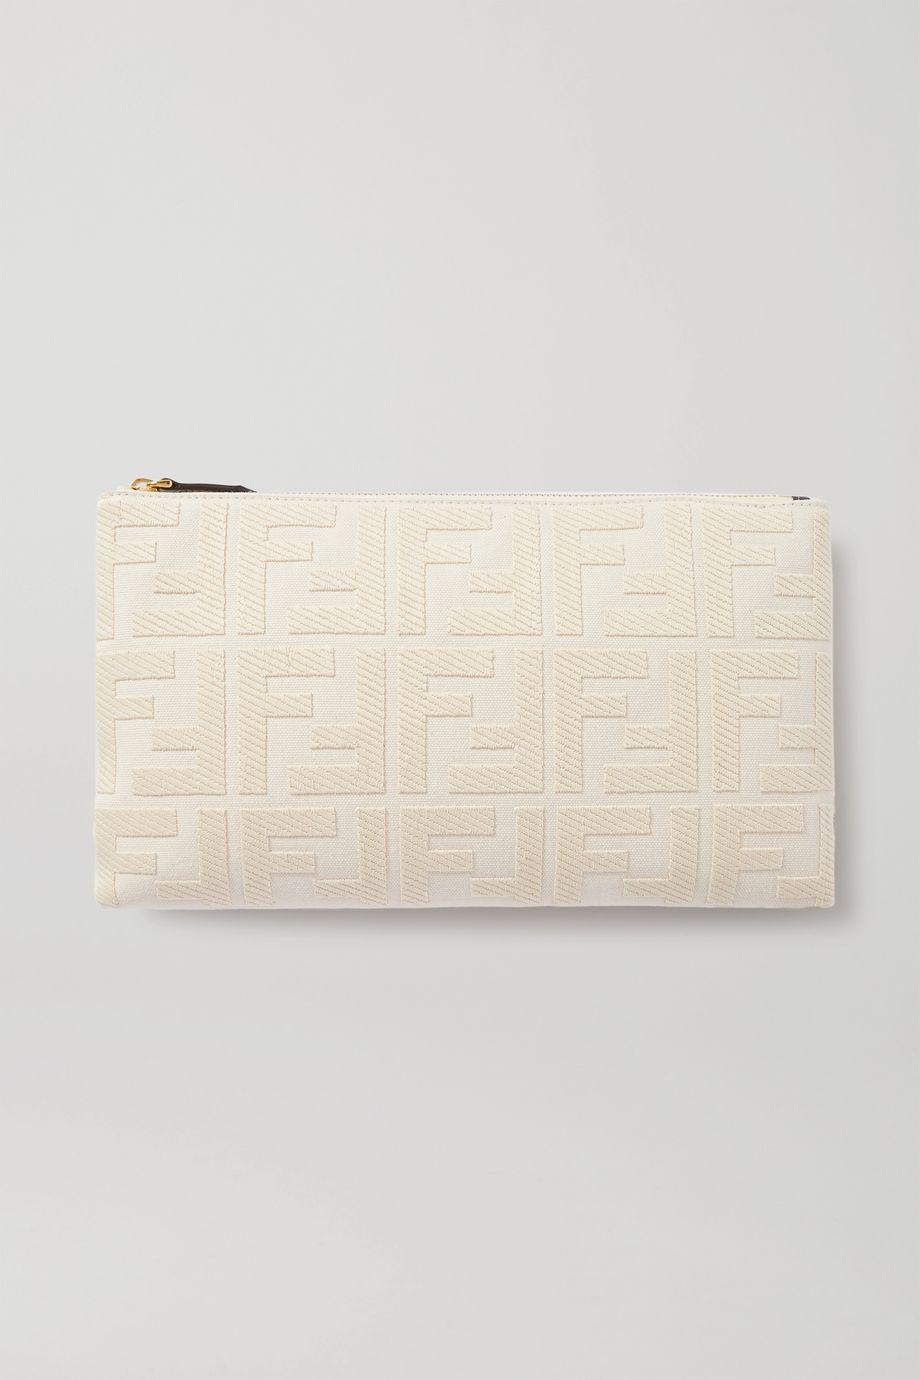 Fendi Canvas-jacquard pouch